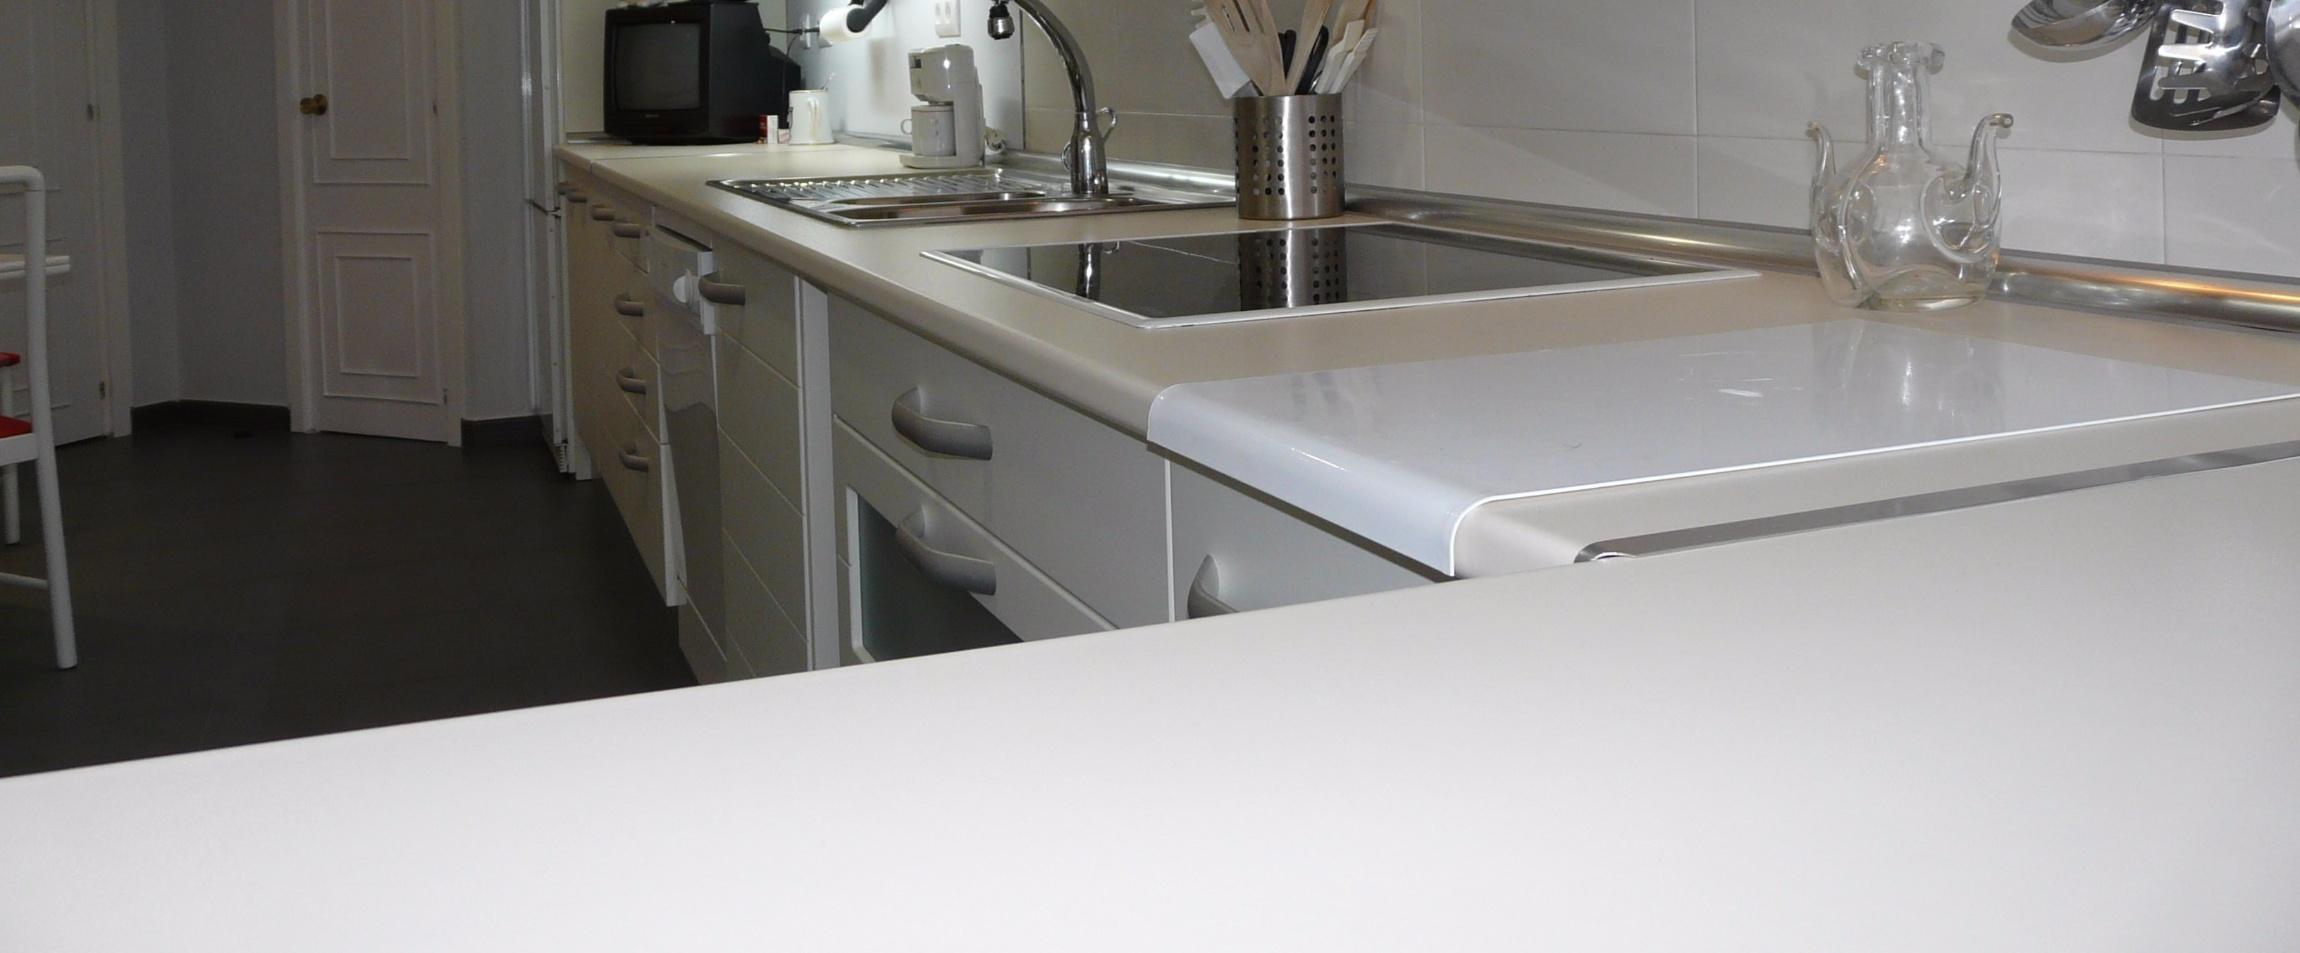 Piedra para cocina el brillo y el aspecto de una encimera for Encimeras de cocina formica precios